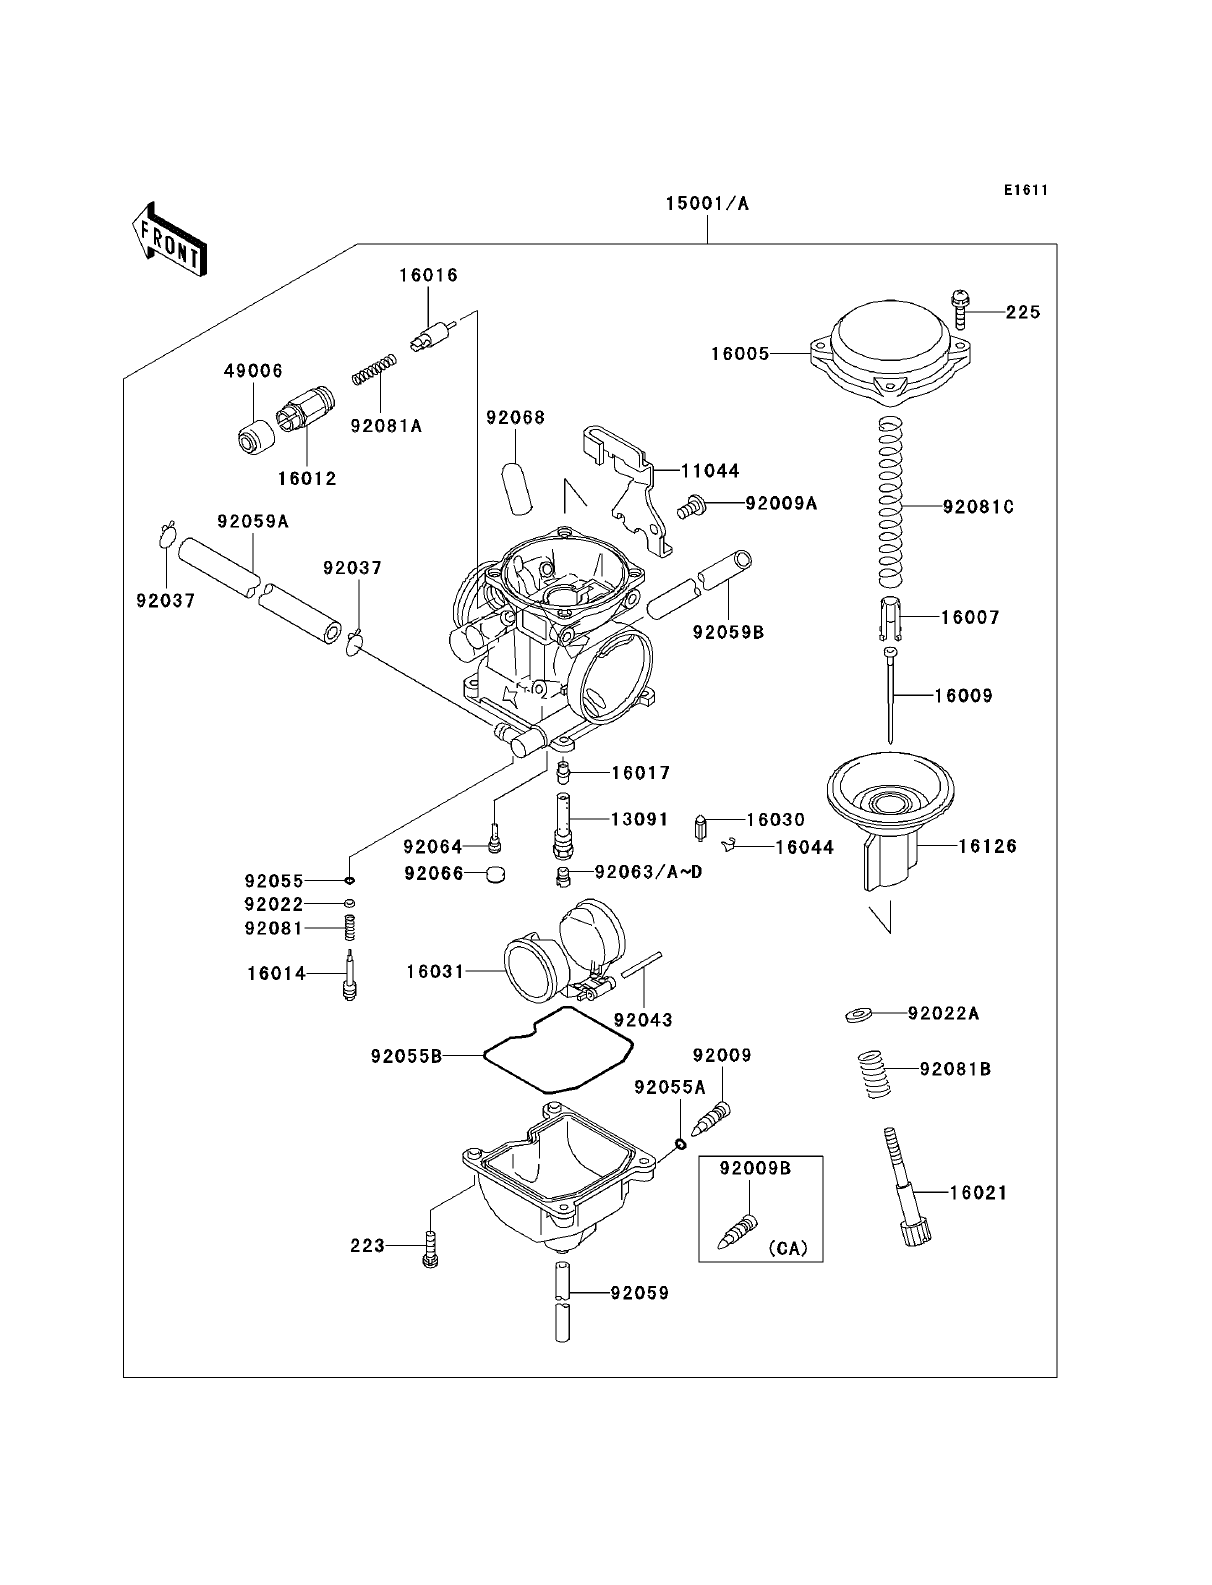 klr250_parts_diagram_carburetor?resize=665%2C870 2005 klr 650 wiring diagram the best wiring diagram 2017 2016 klr650 wiring diagram at mifinder.co